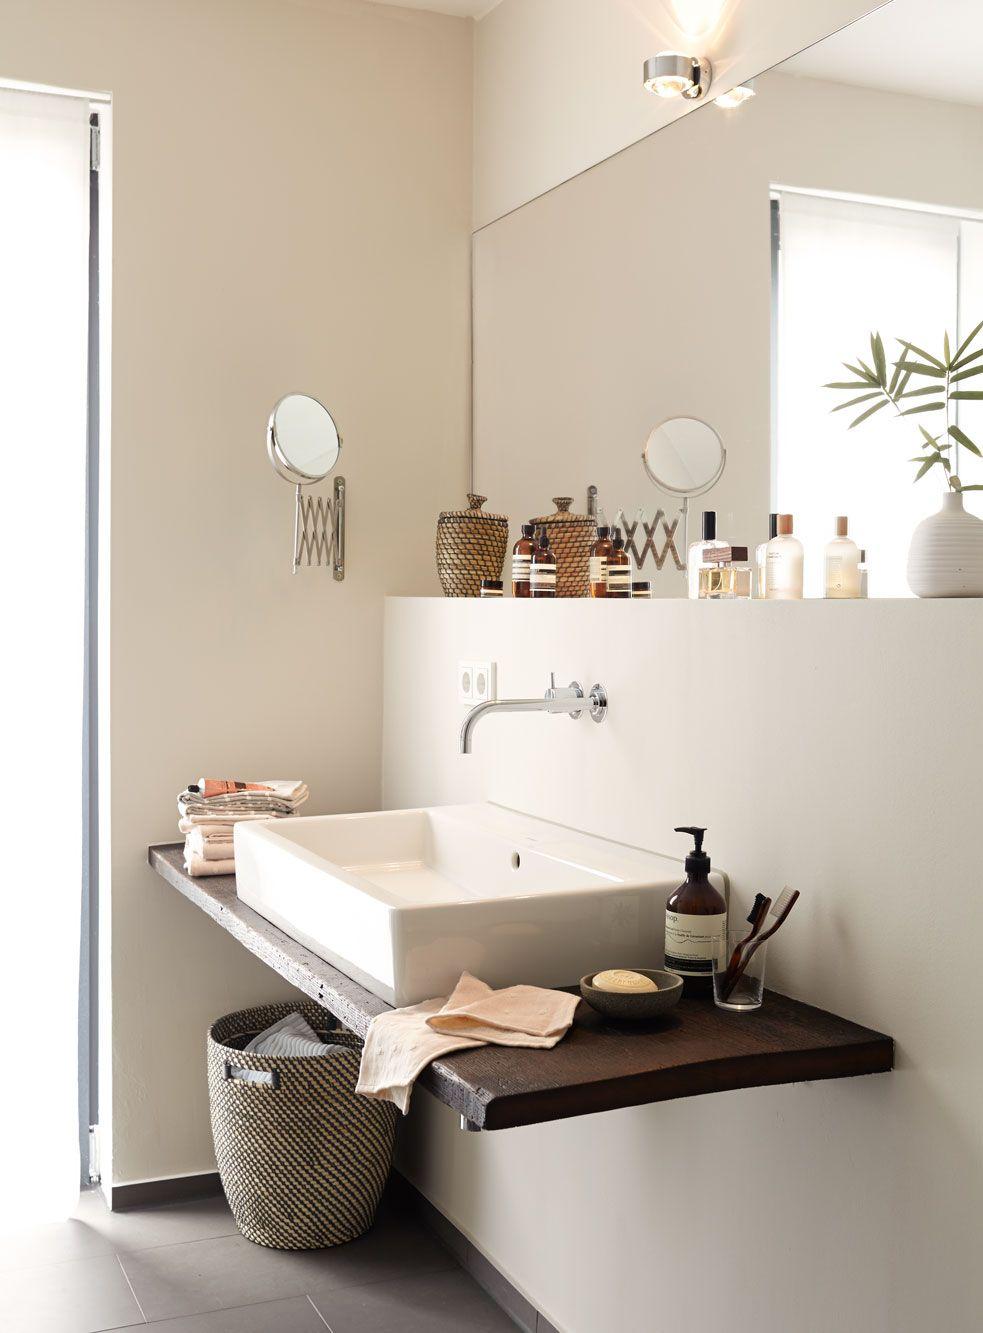 Badezimmer inspiration badezimmer design feine farben küche farbe einrichten wohnen wandfarben schöner wohnen inneneinrichtung neutrale wohnzimmer